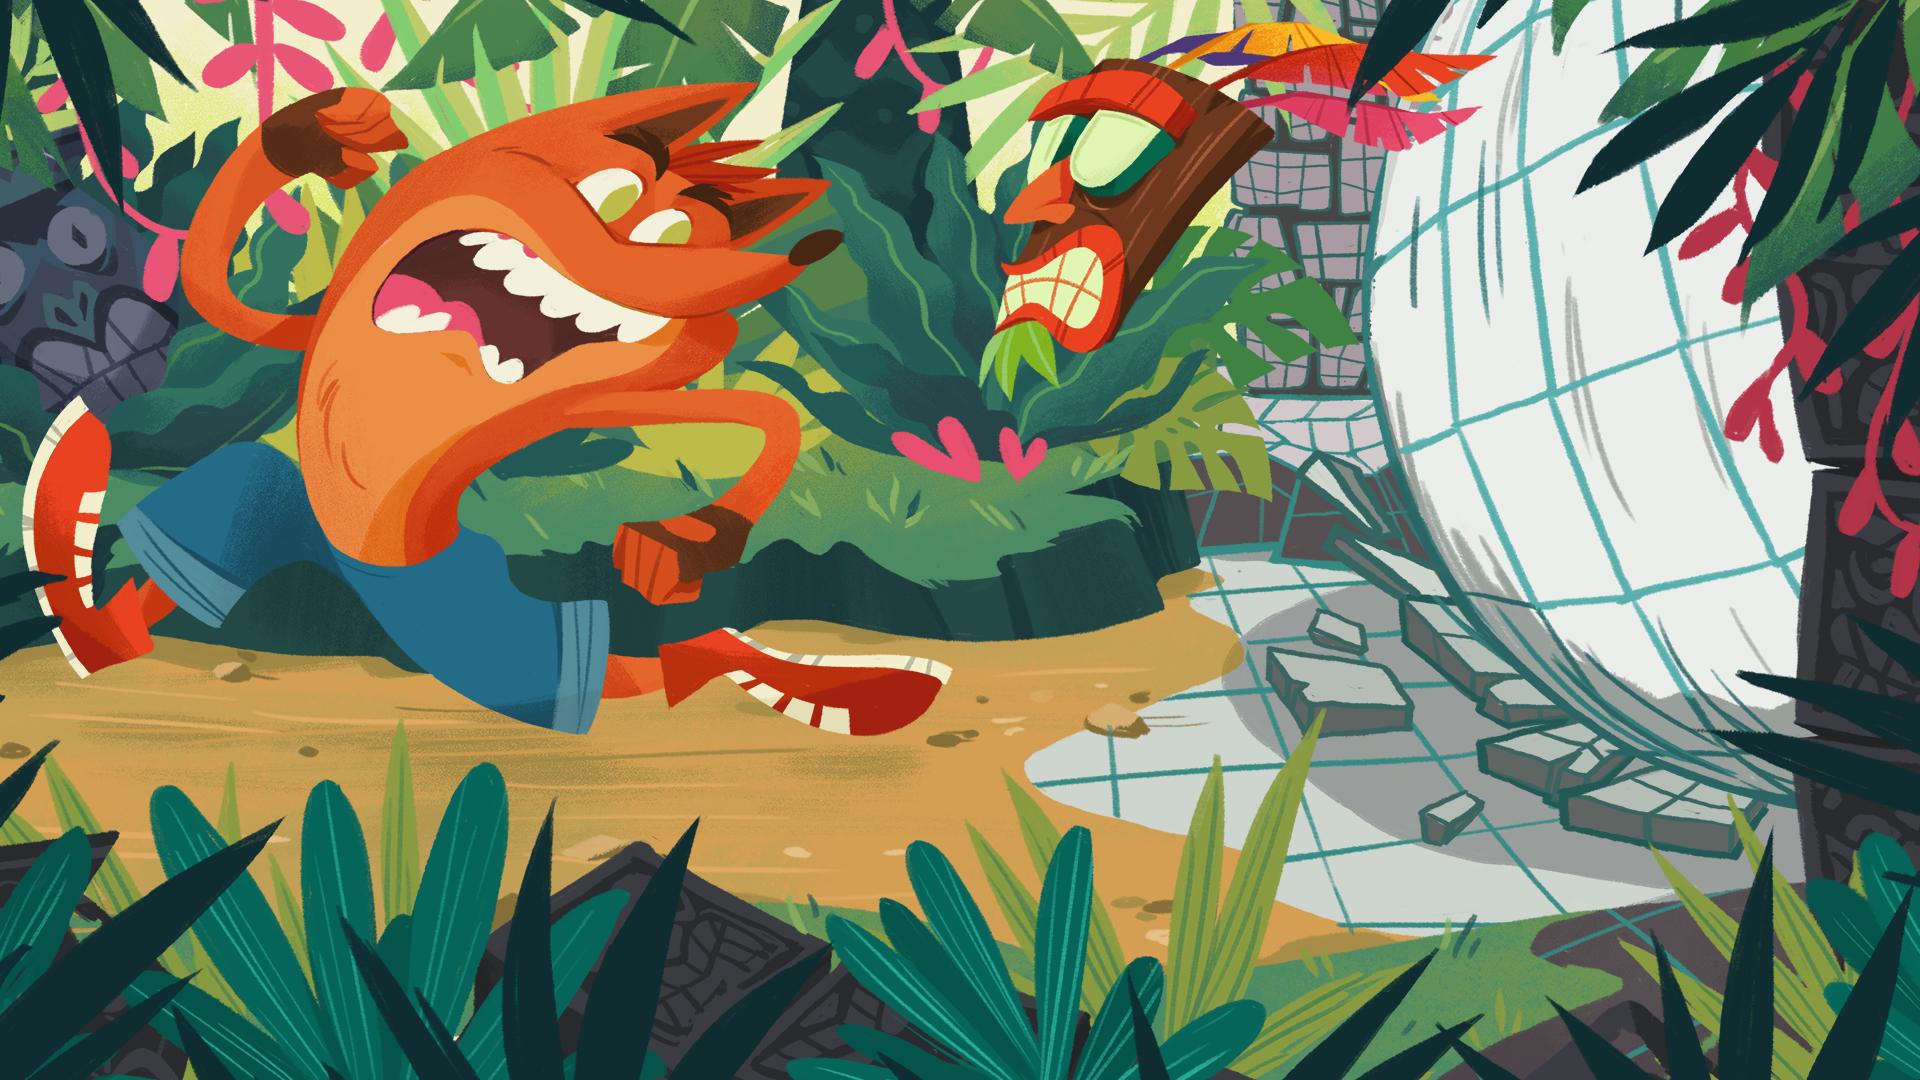 Crash Bandicoot: An oral history